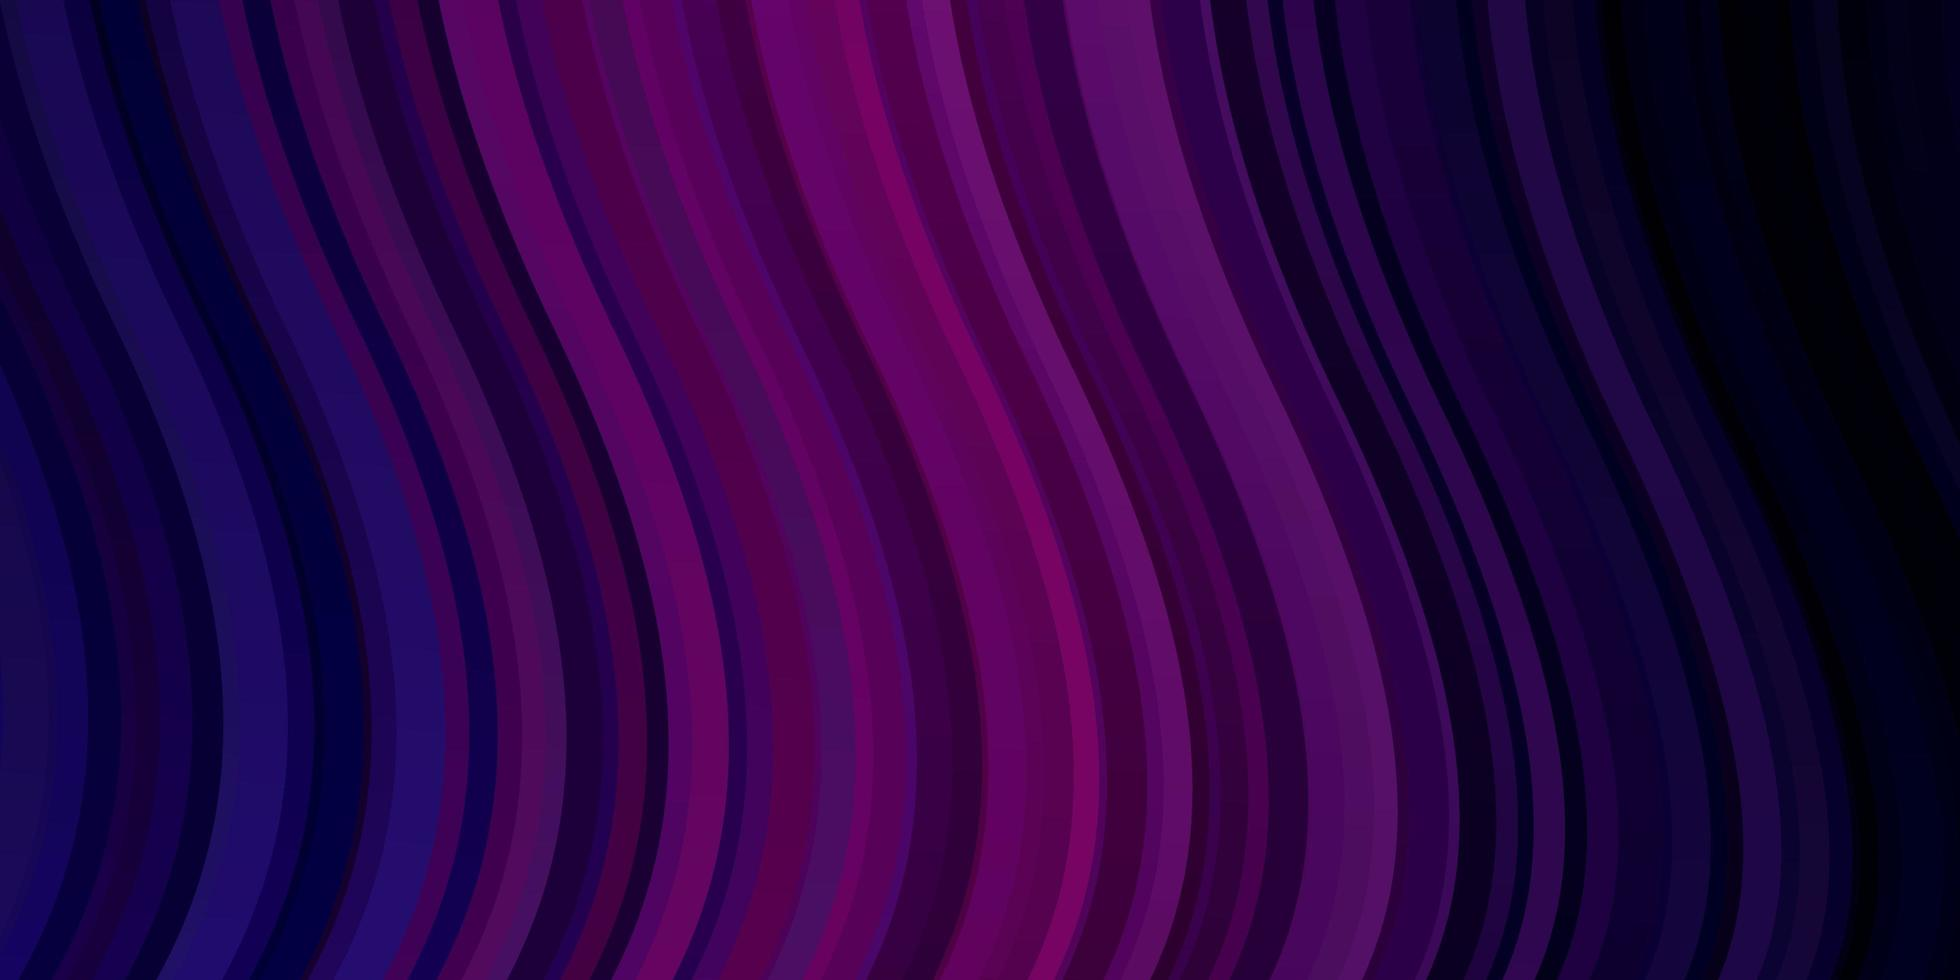 textura vector roxo, rosa escuro com linhas irônicas.